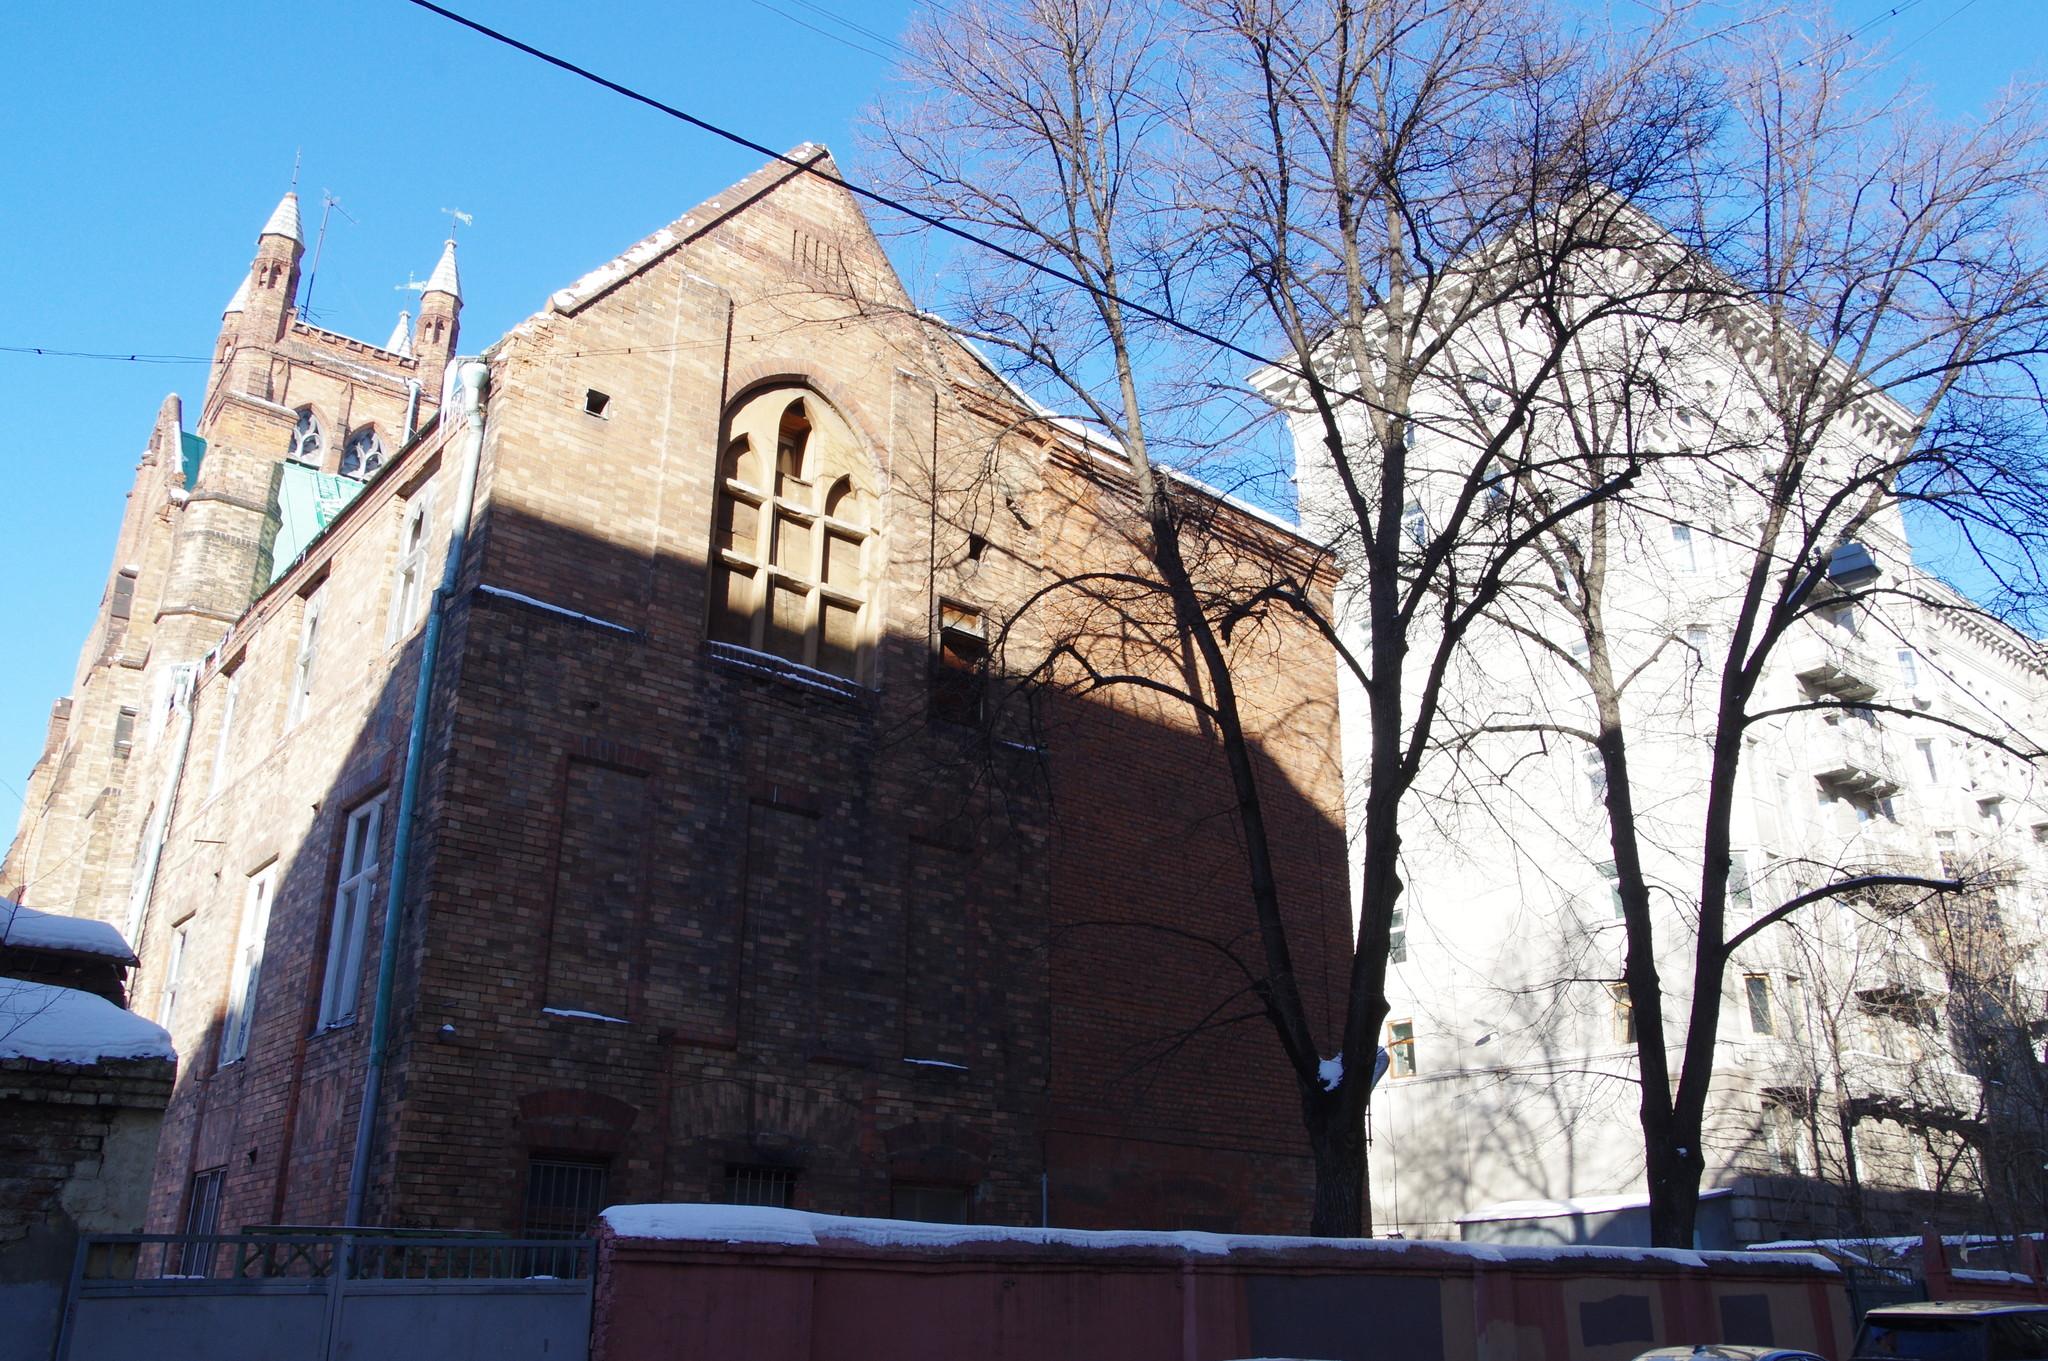 Англиканская церковь Святого Андрея (Вознесенский переулок, дом 8, строение 2)